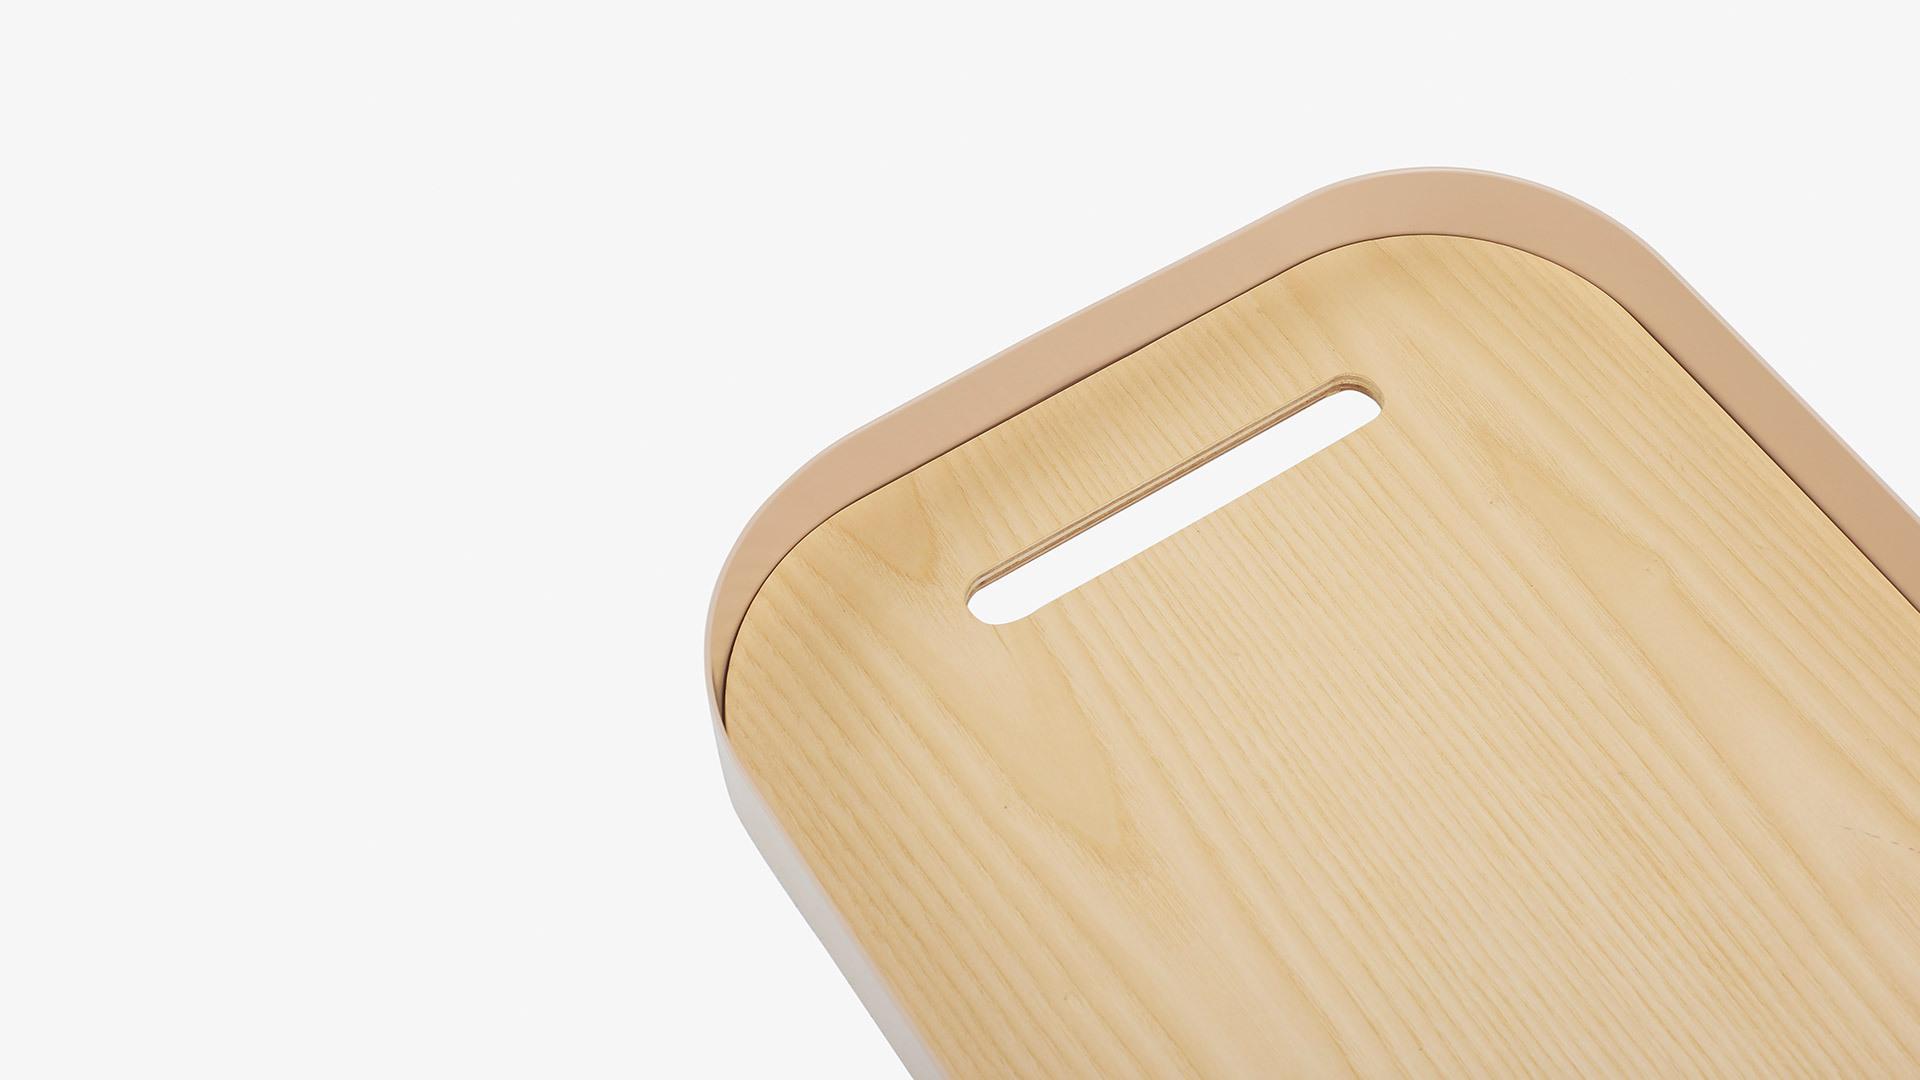 北美A级白蜡木+多层板<br/>高频拆卸,性能更稳定